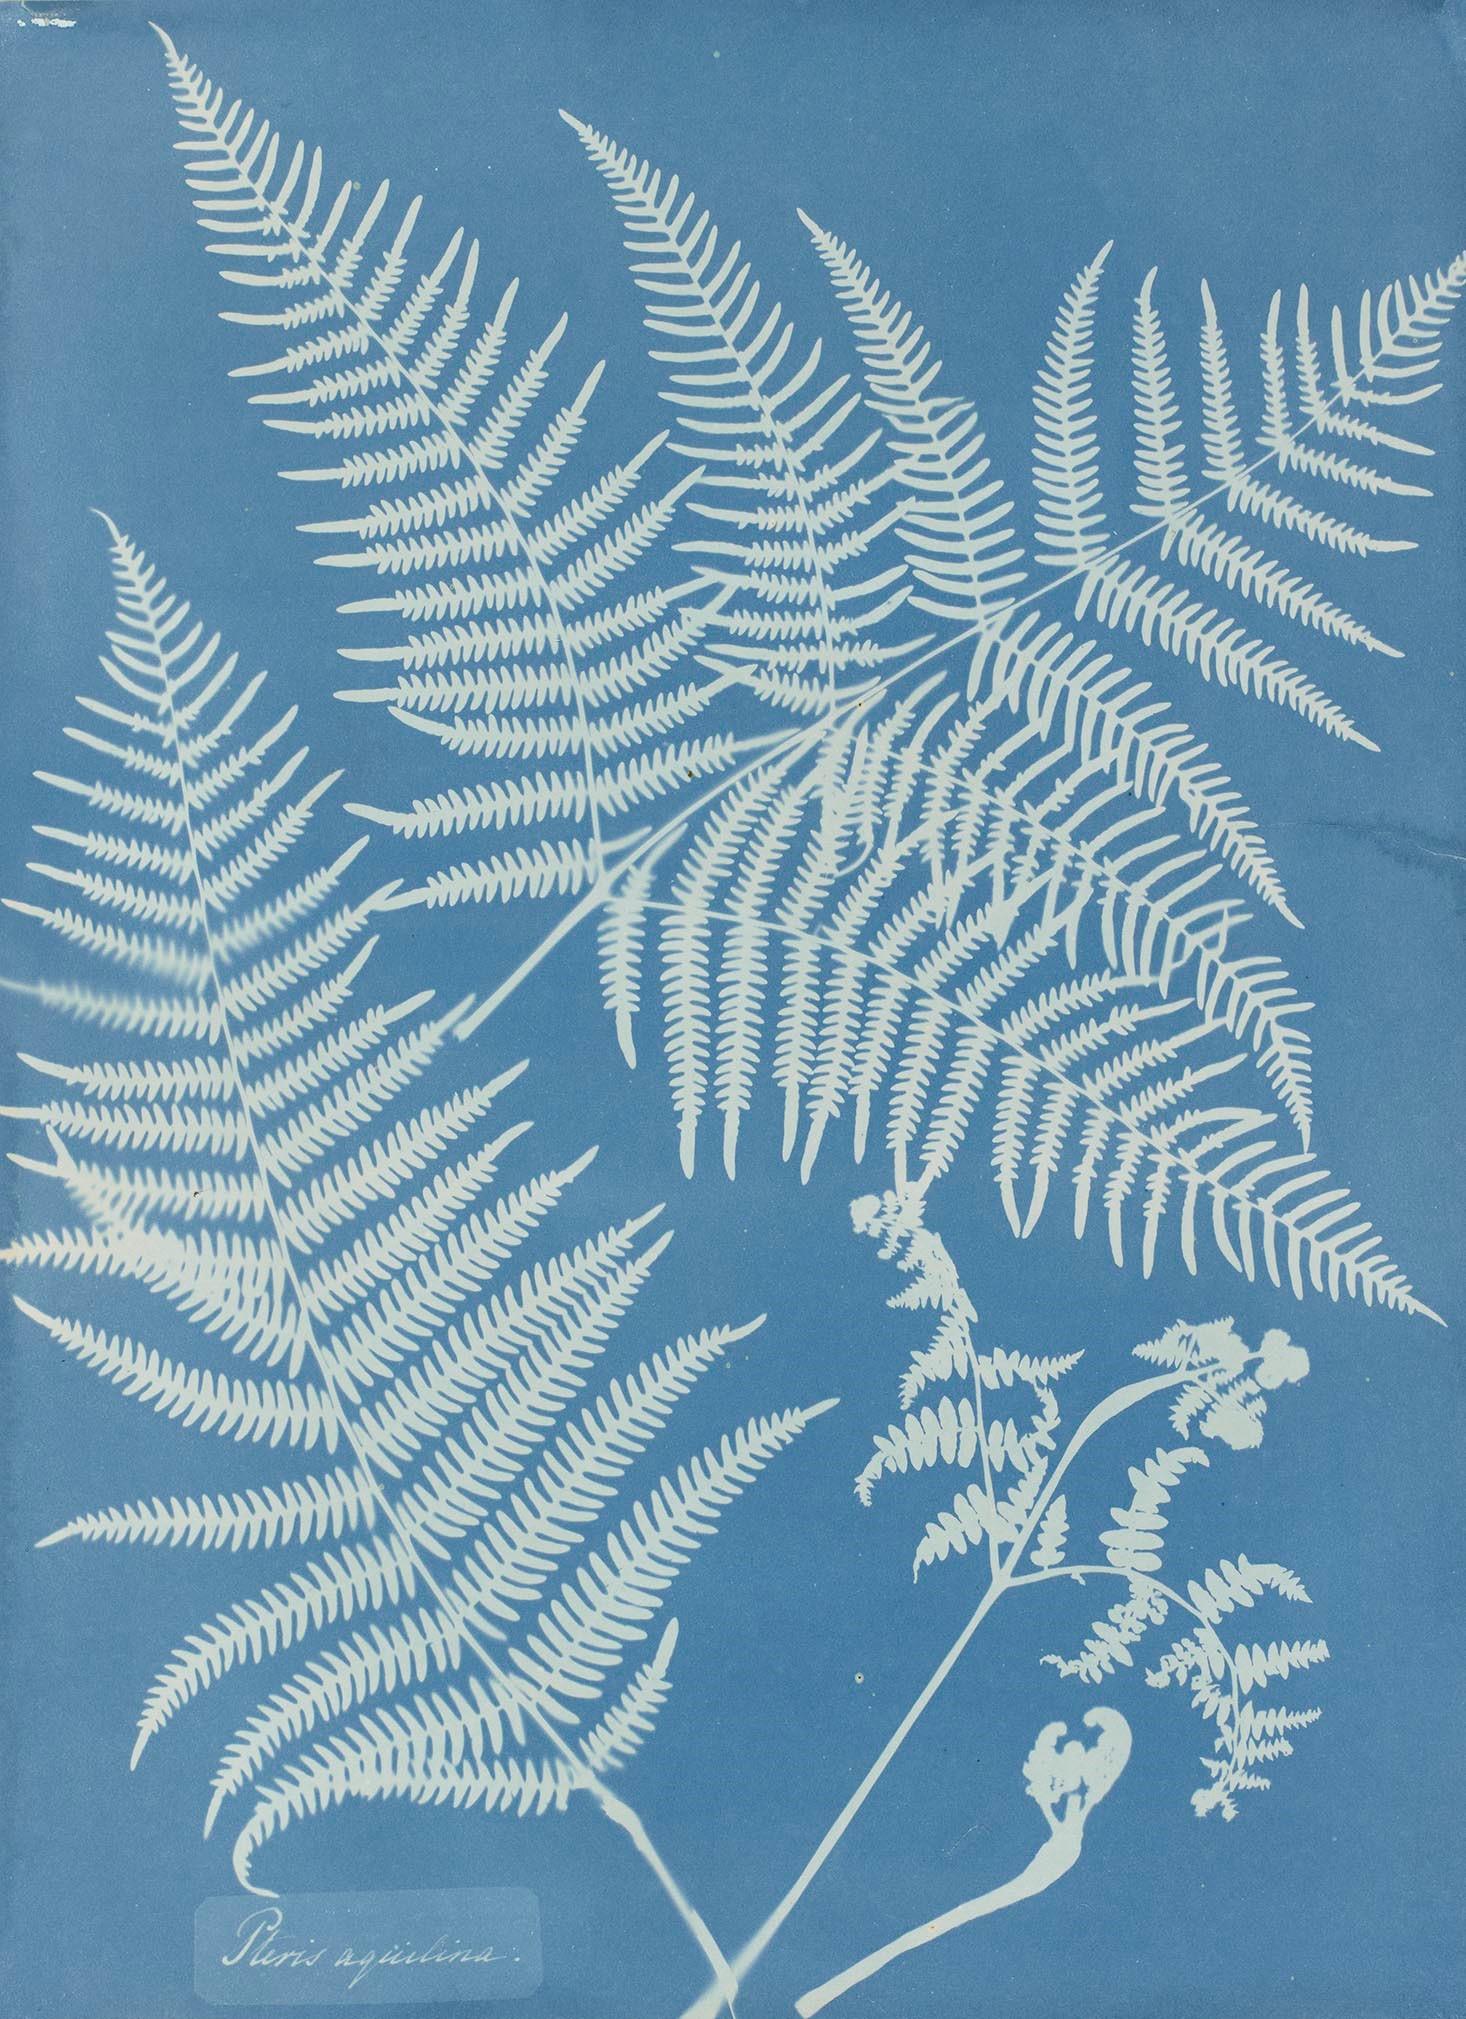 Anna Atkins, Pteris aquilina, 1851